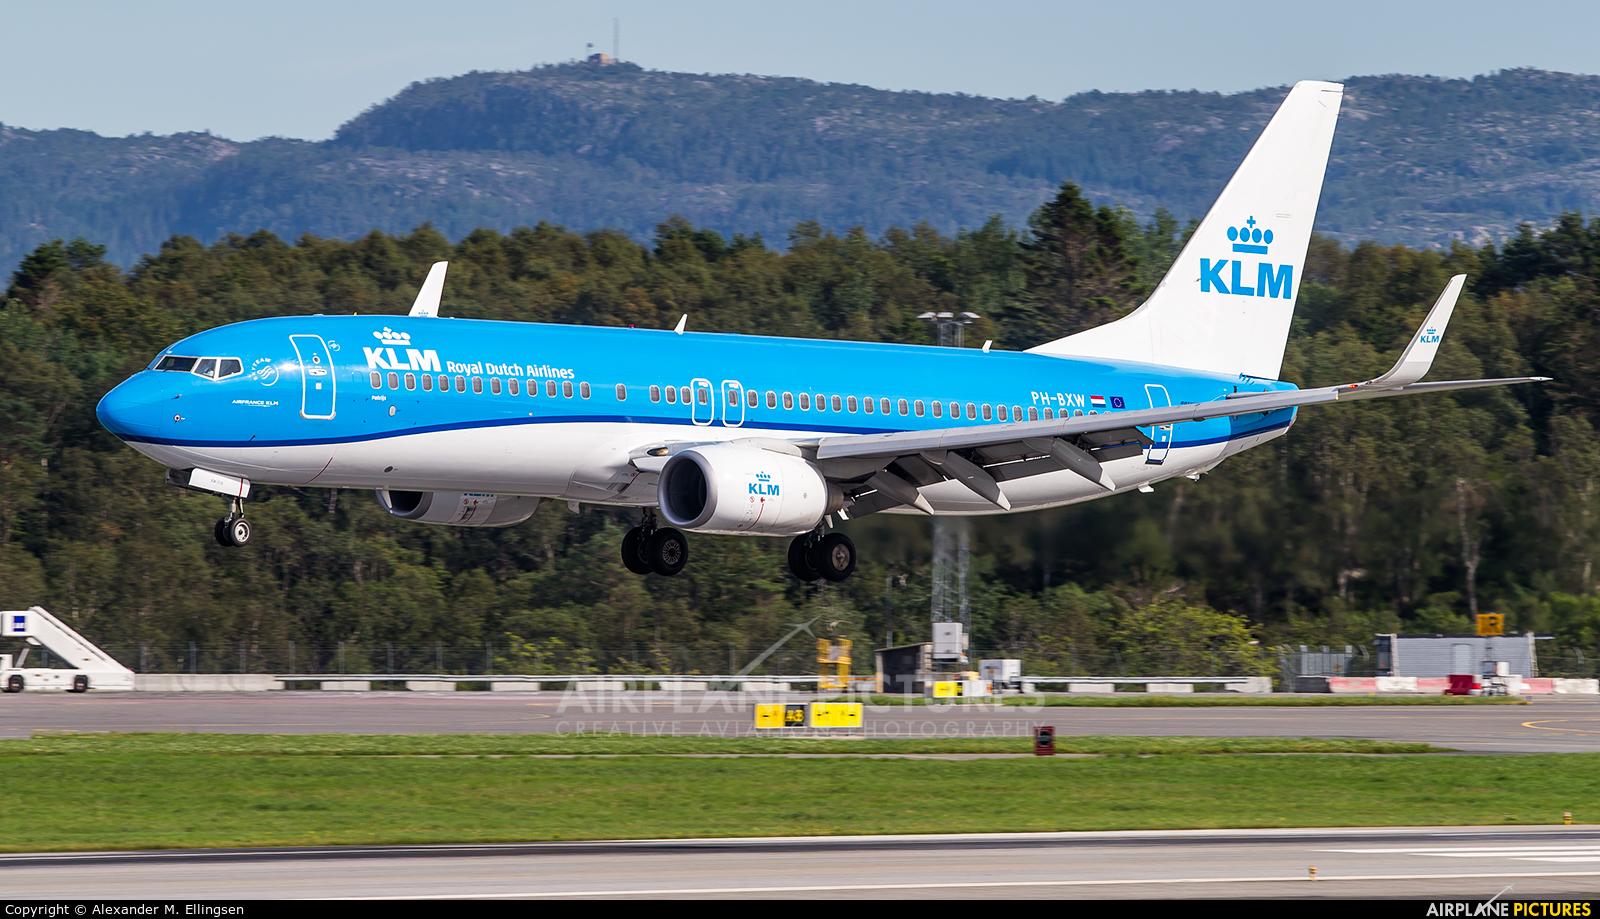 KLM PH-BXW aircraft at Bergen - Flesland